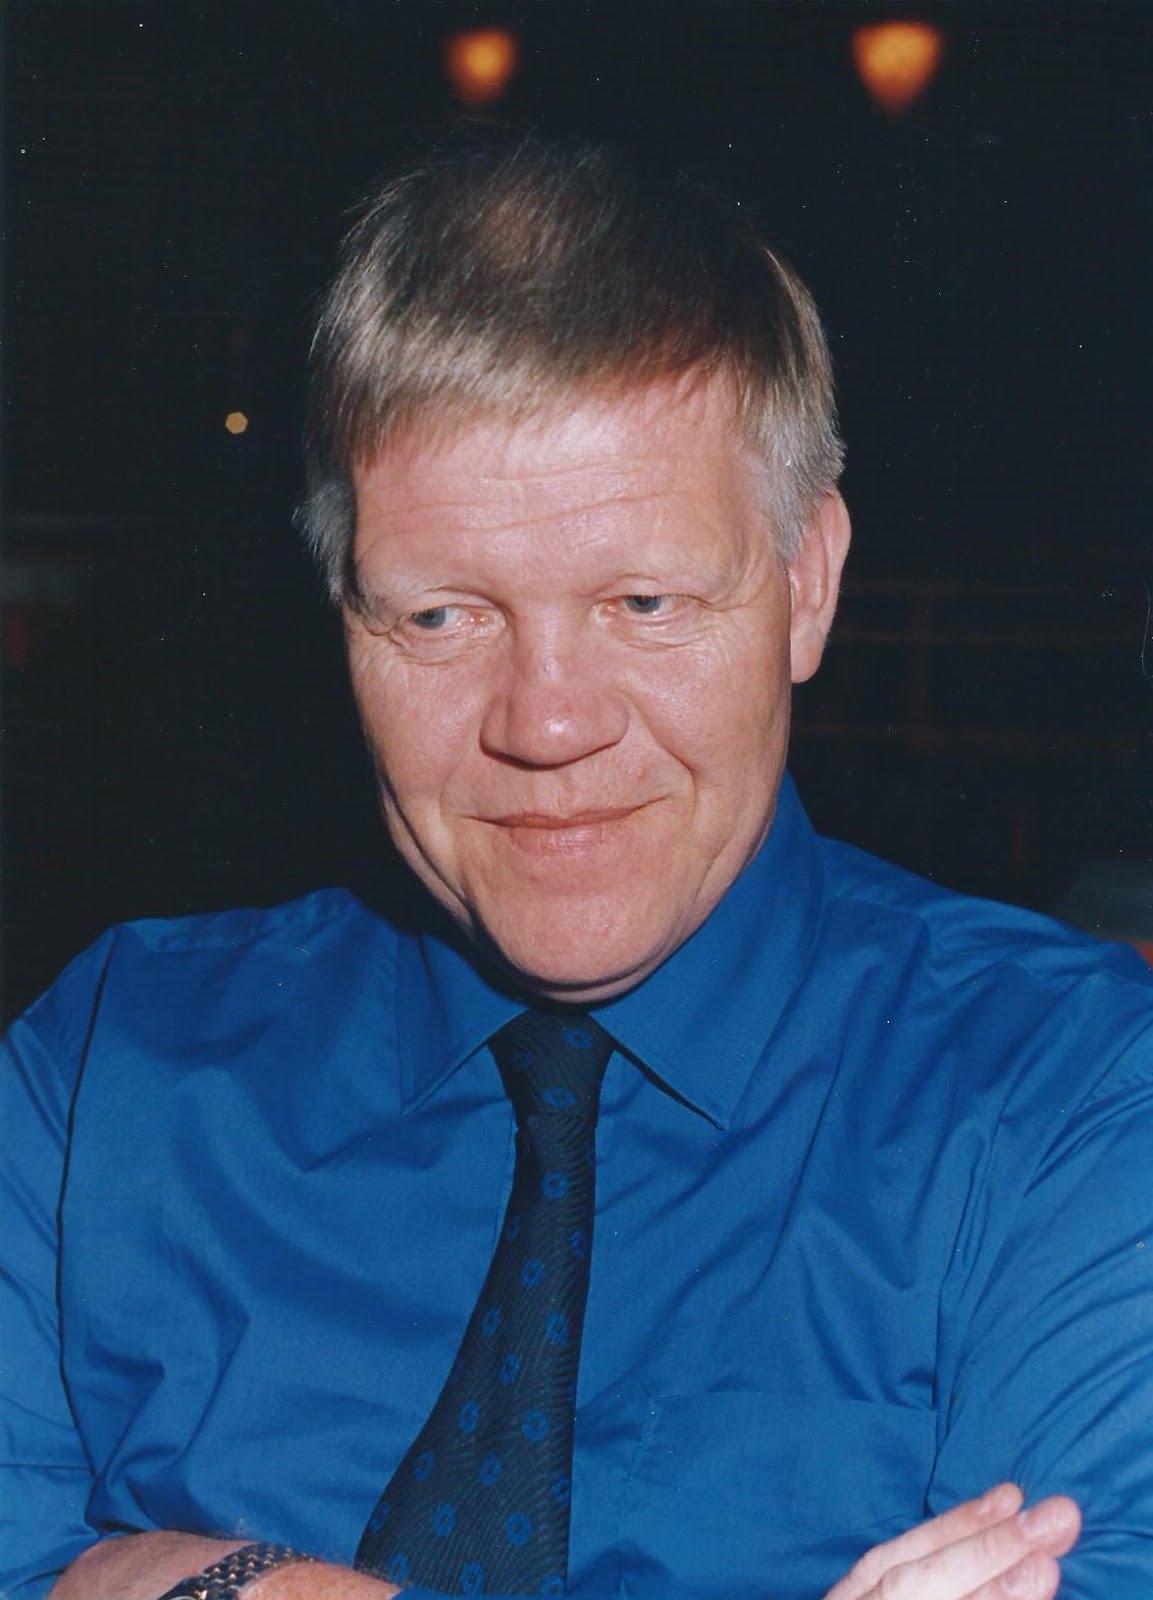 Þór Gunnlaugsson